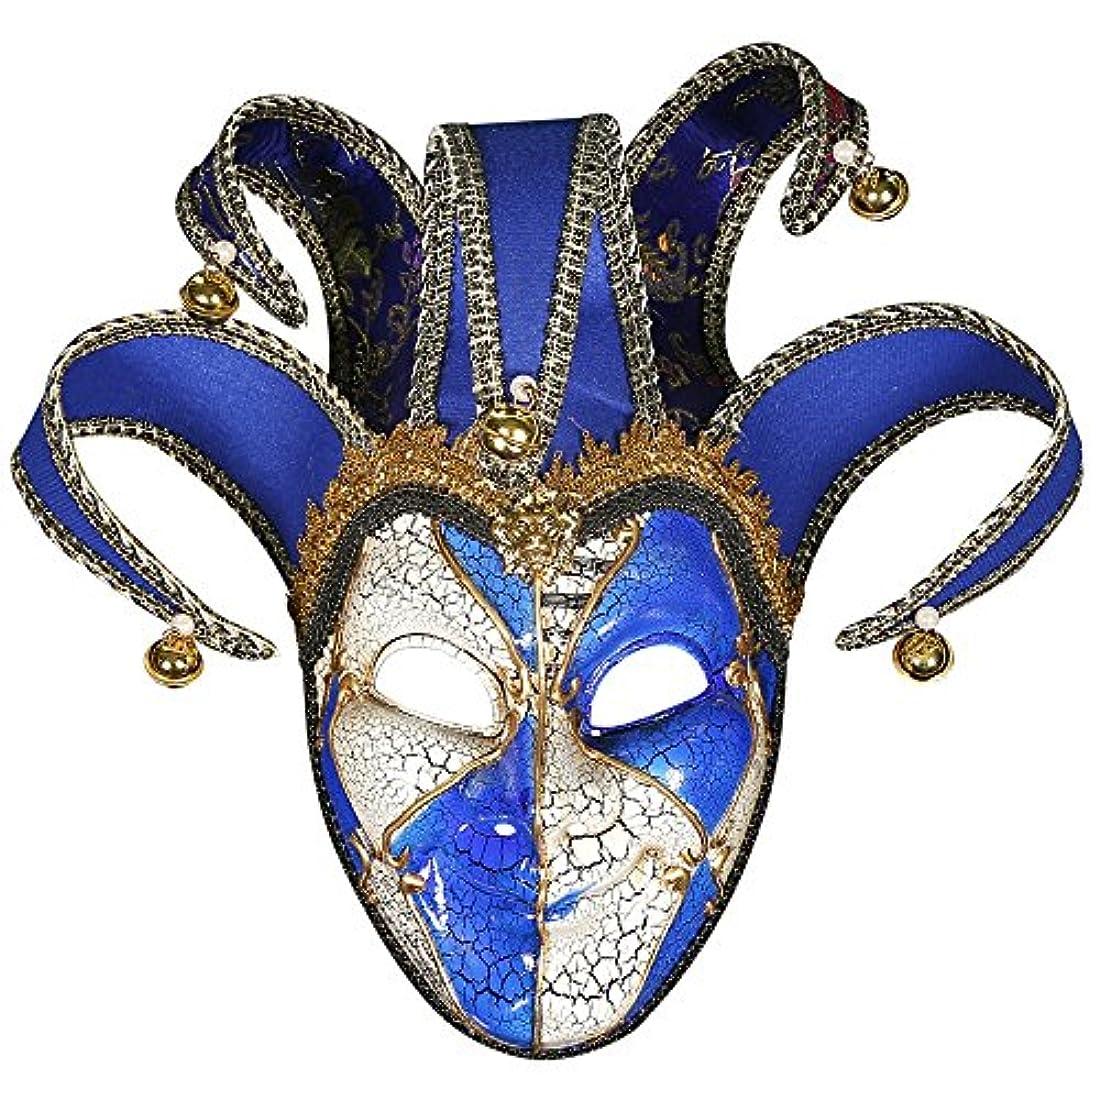 銅レイプのスコアハイエンドの美しいクラックフェスティバル仮面舞踏会マスクハロウィーン誕生日パーティーピエロマスク (Color : B)